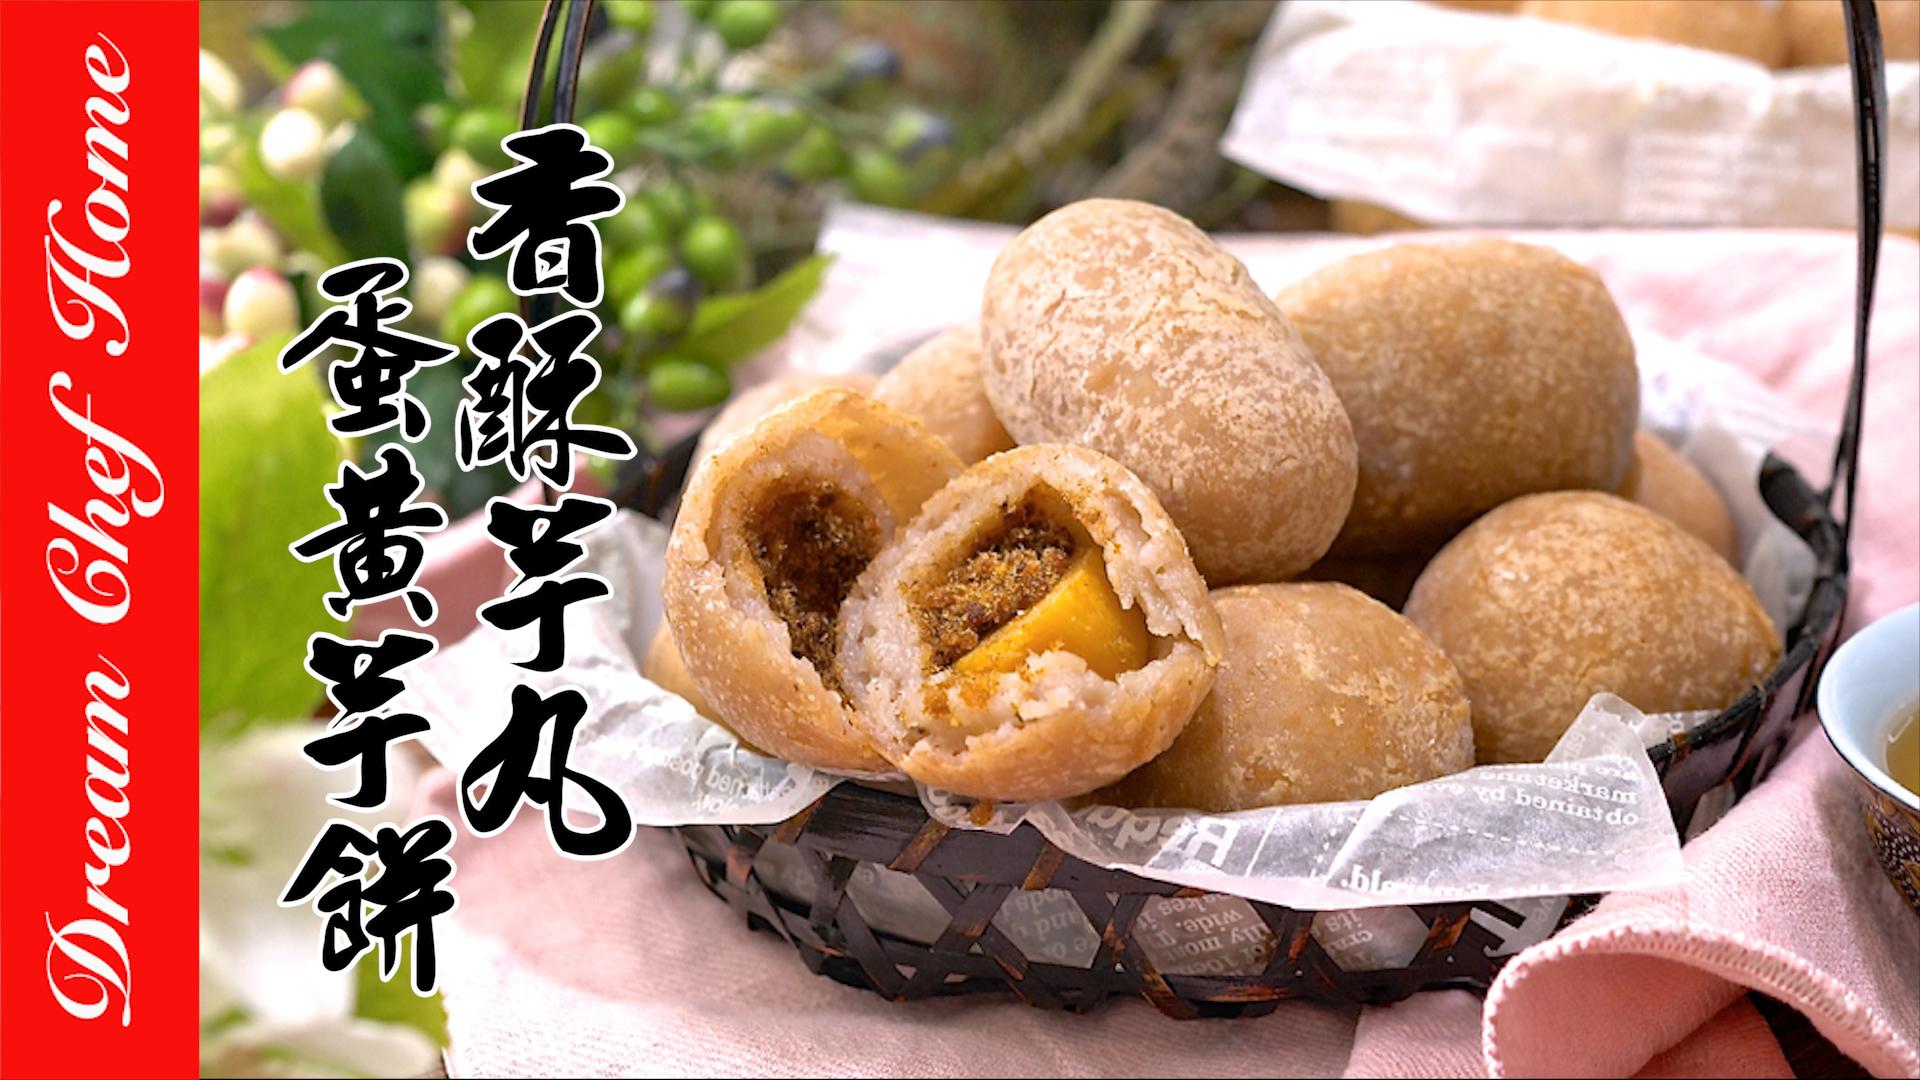 夜市小吃香酥芋丸 蛋黃芋餅,米其林排隊美食,復刻版必學小吃!